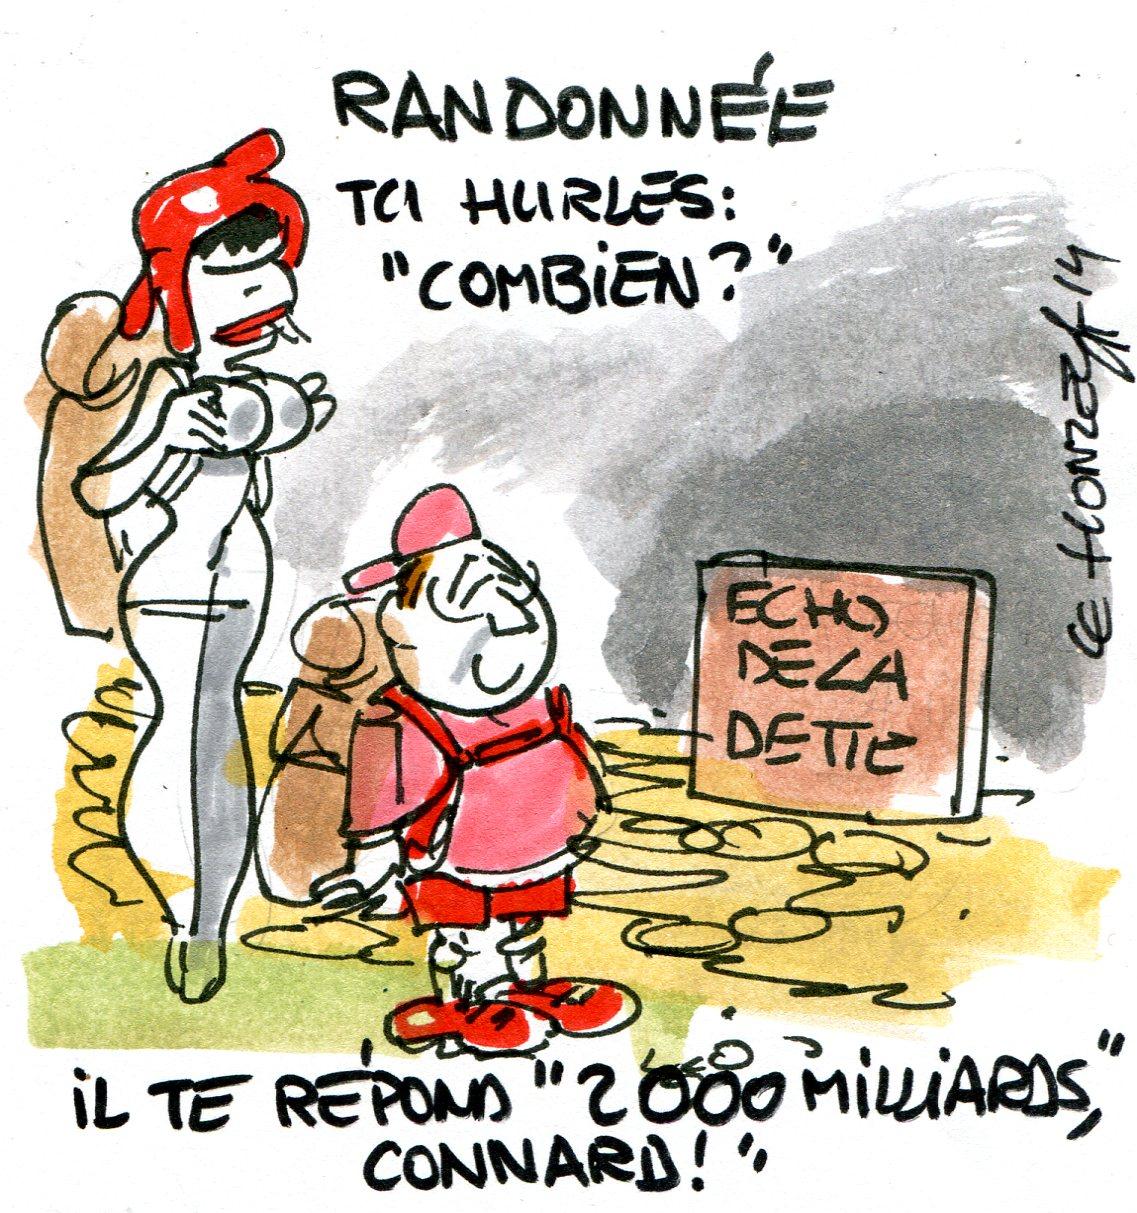 René randonnée